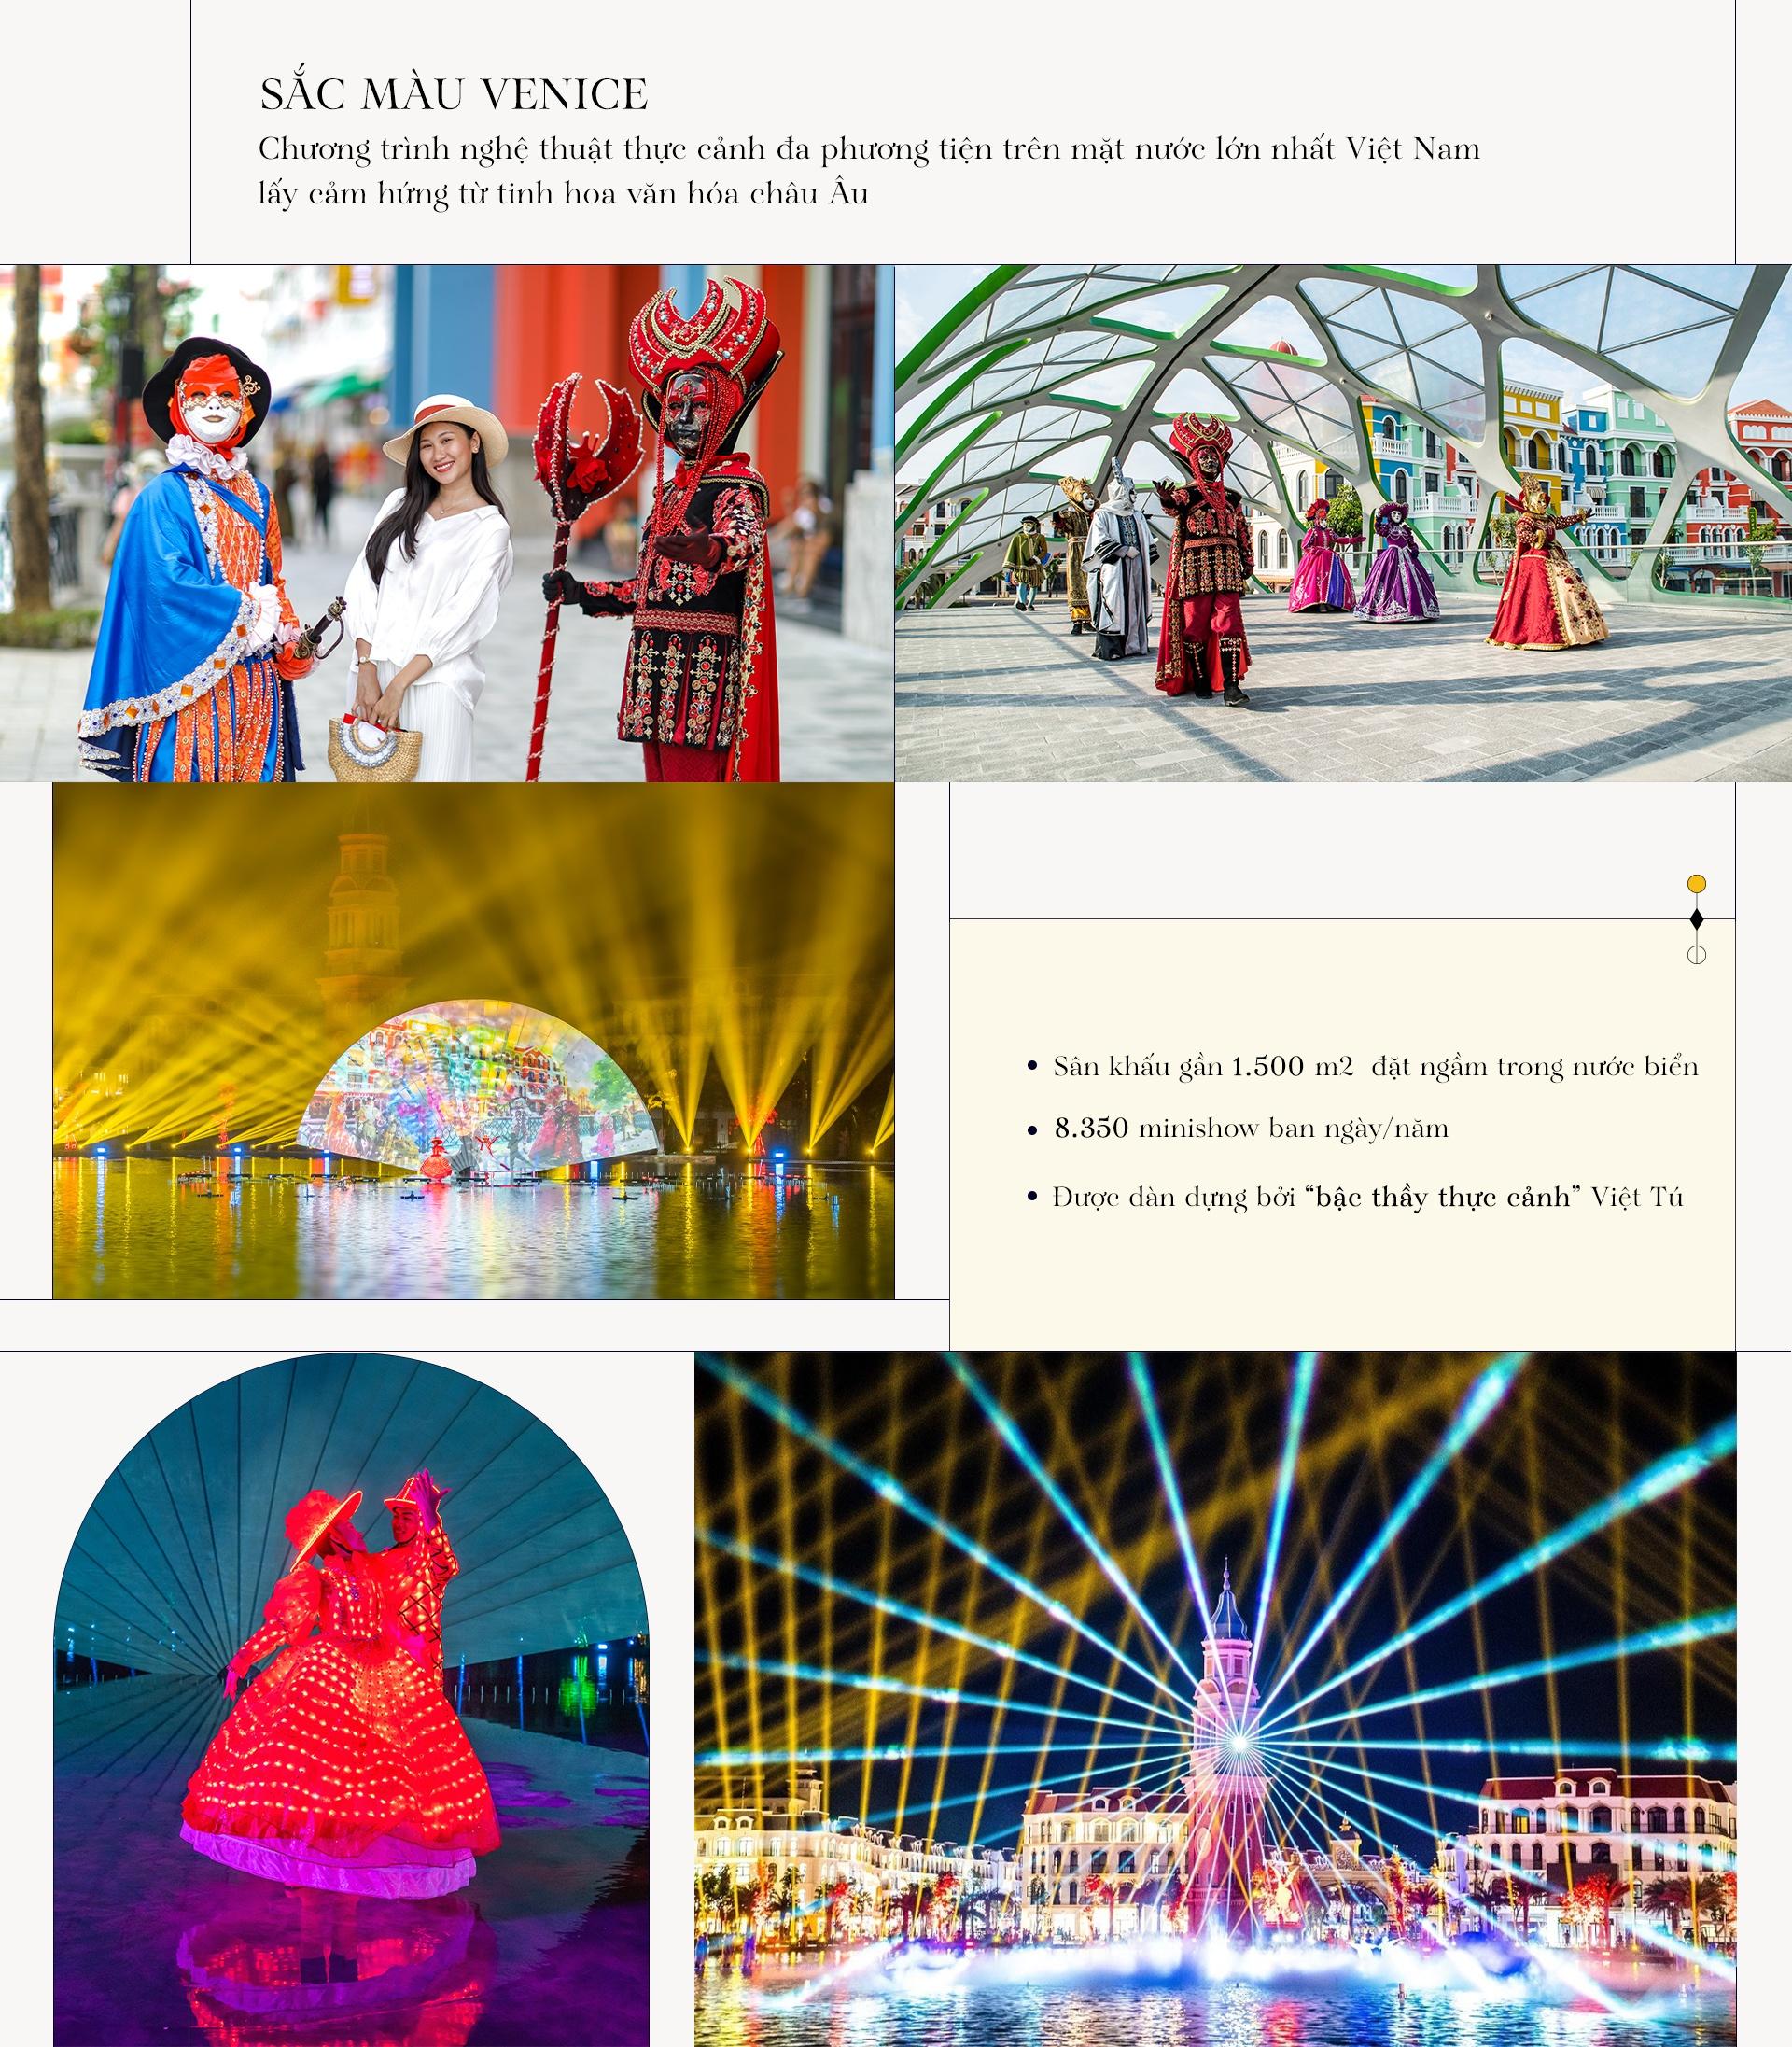 - Highlight_05 - Những kỷ lục mới tại 'siêu quần thể không ngủ' Phú Quốc United Center